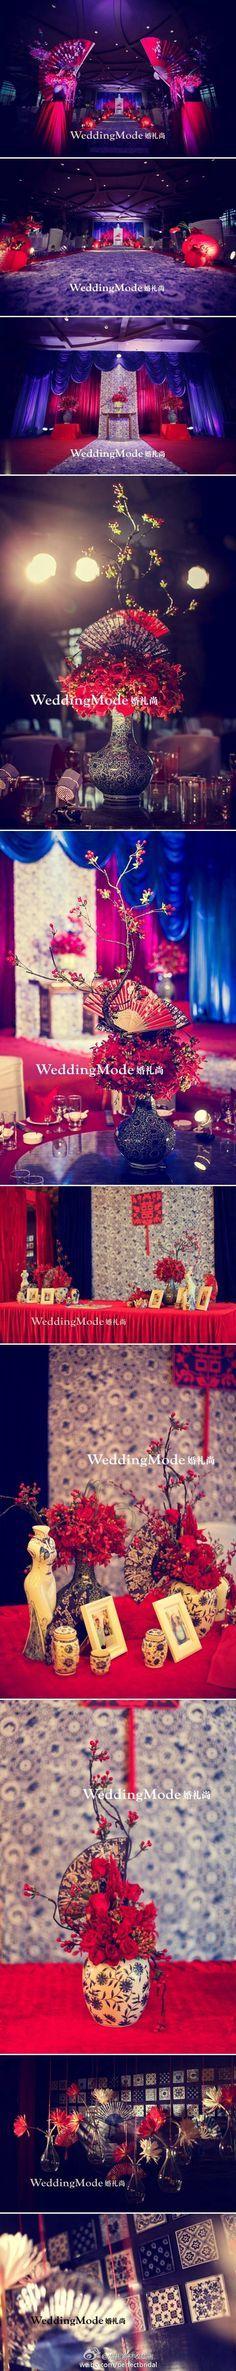 Oriental theme wedding